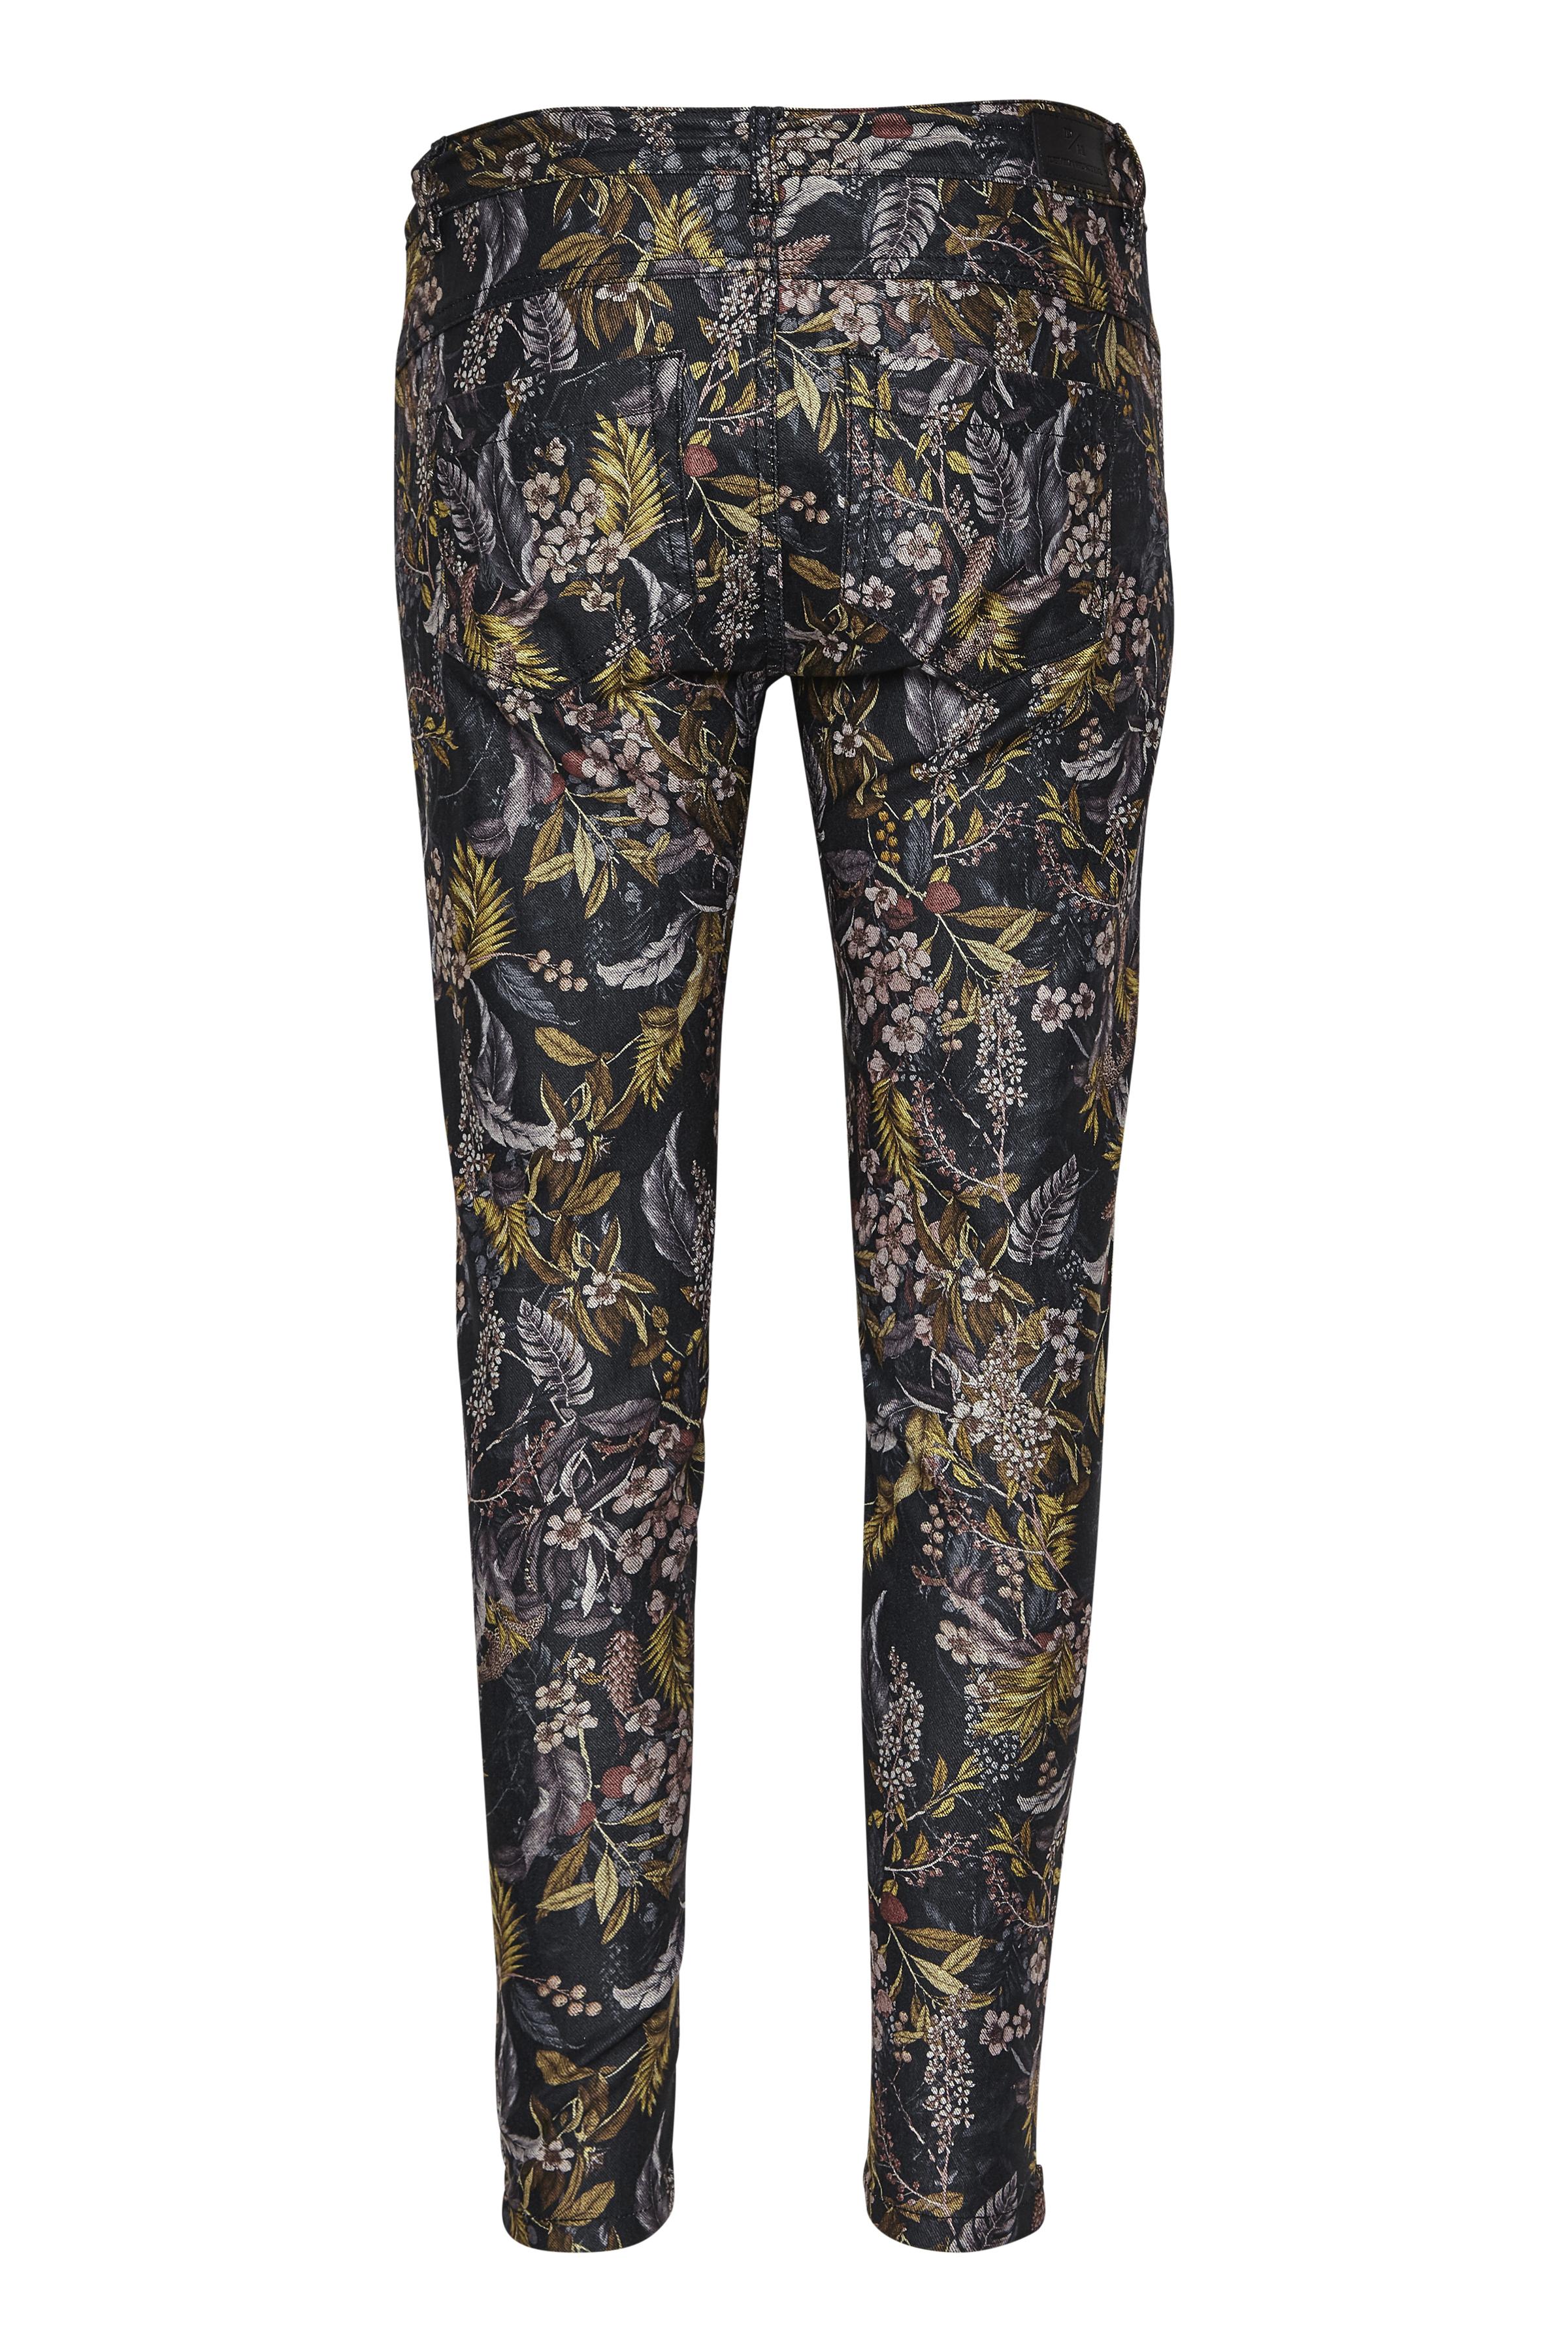 Sort/brændt gul Jeans fra Denim Hunter – Køb Sort/brændt gul Jeans fra str. 25-35 her